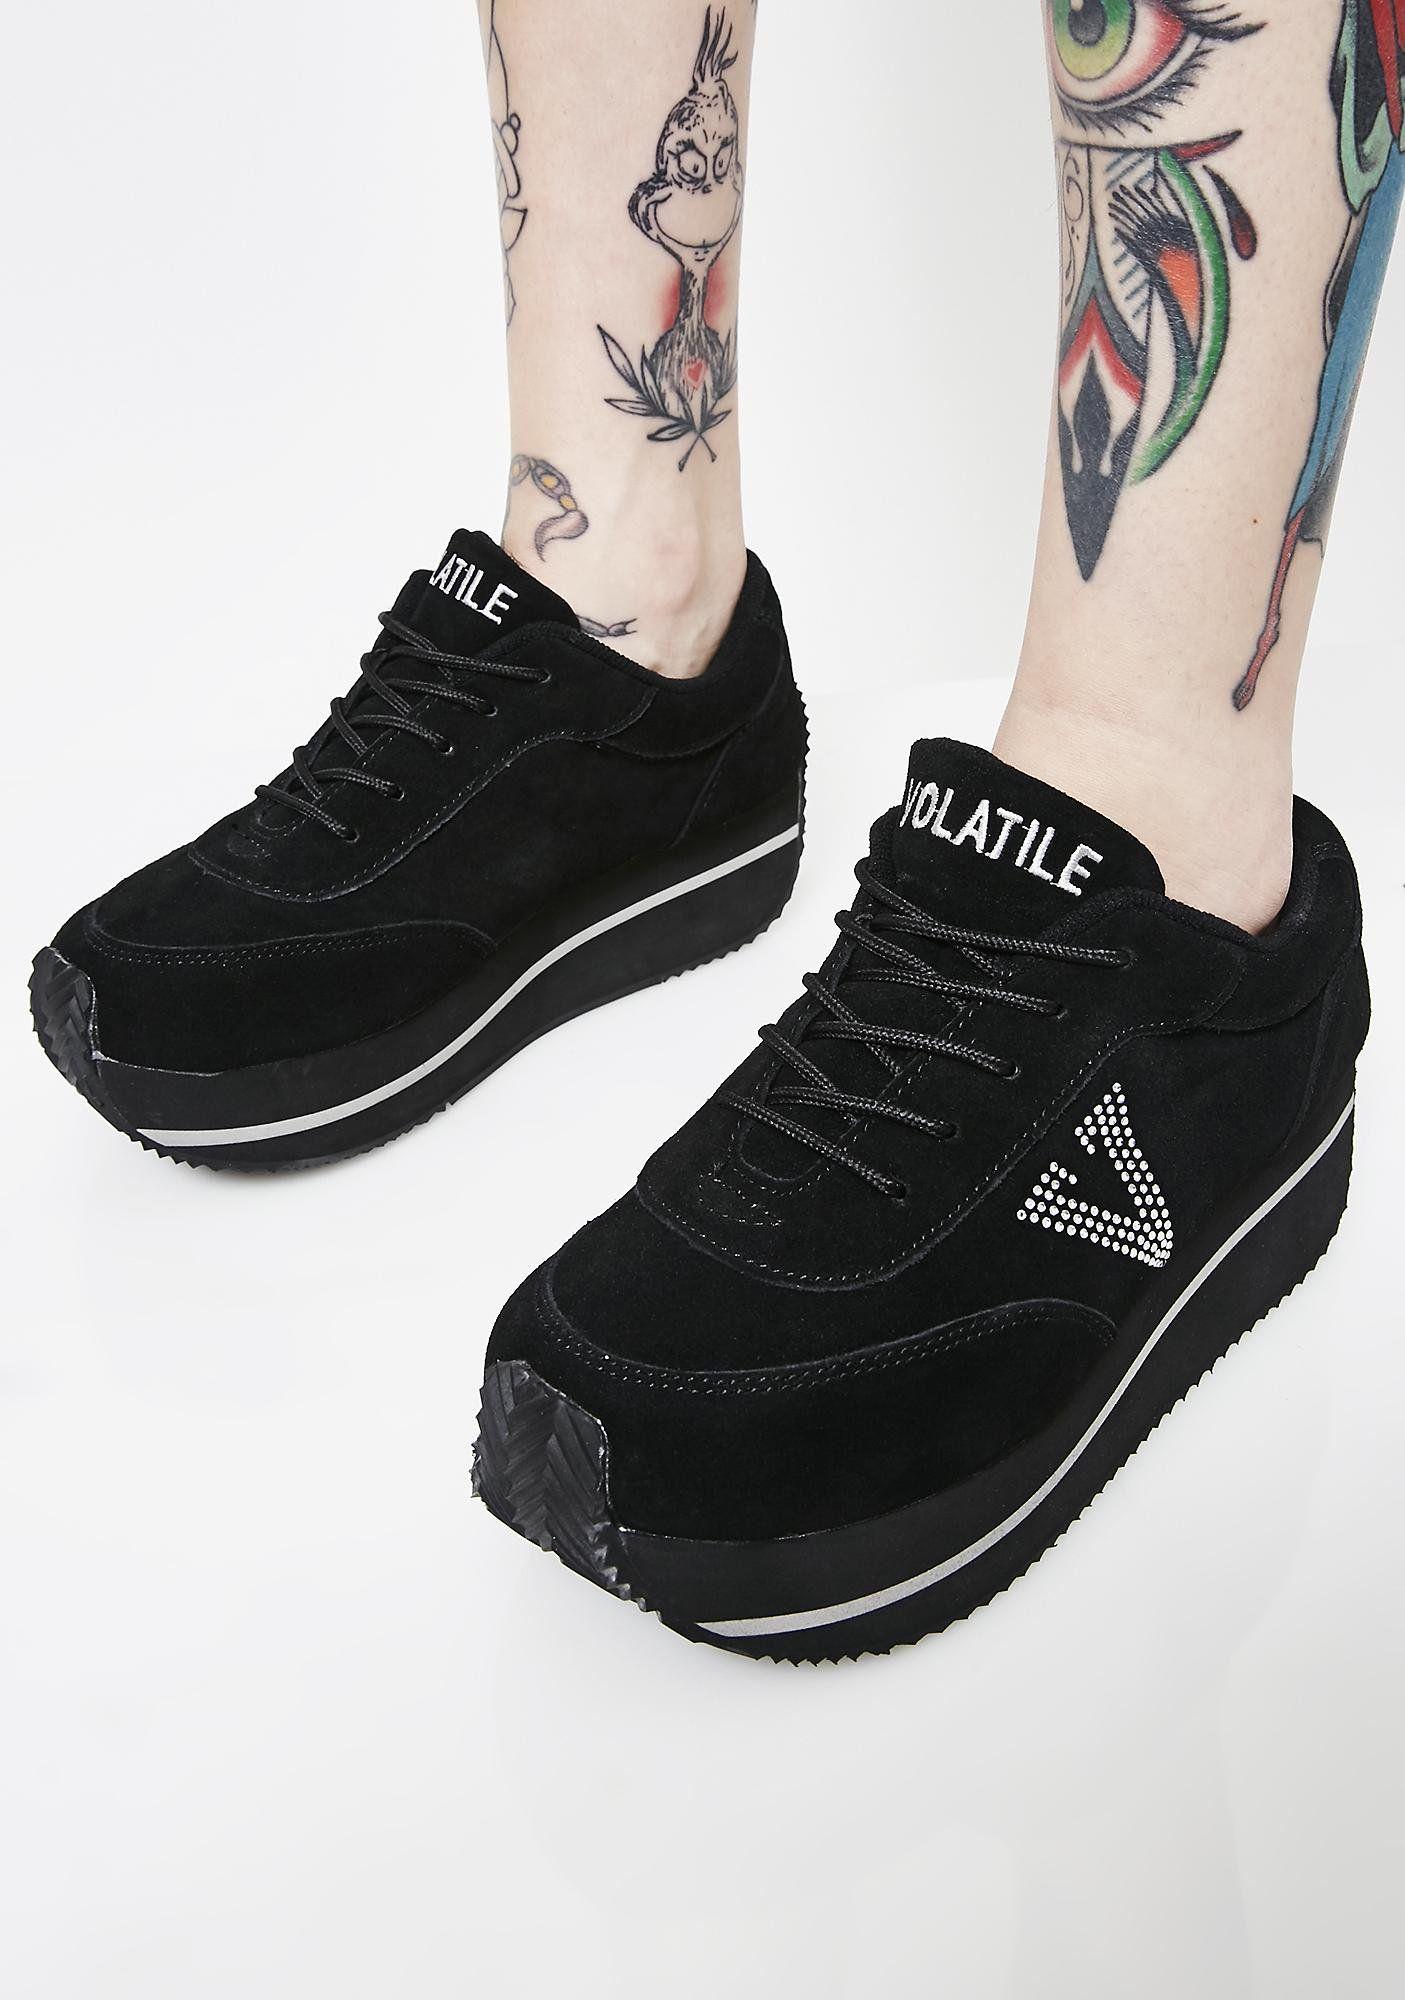 Midnight Expulsion Platform Sneakers